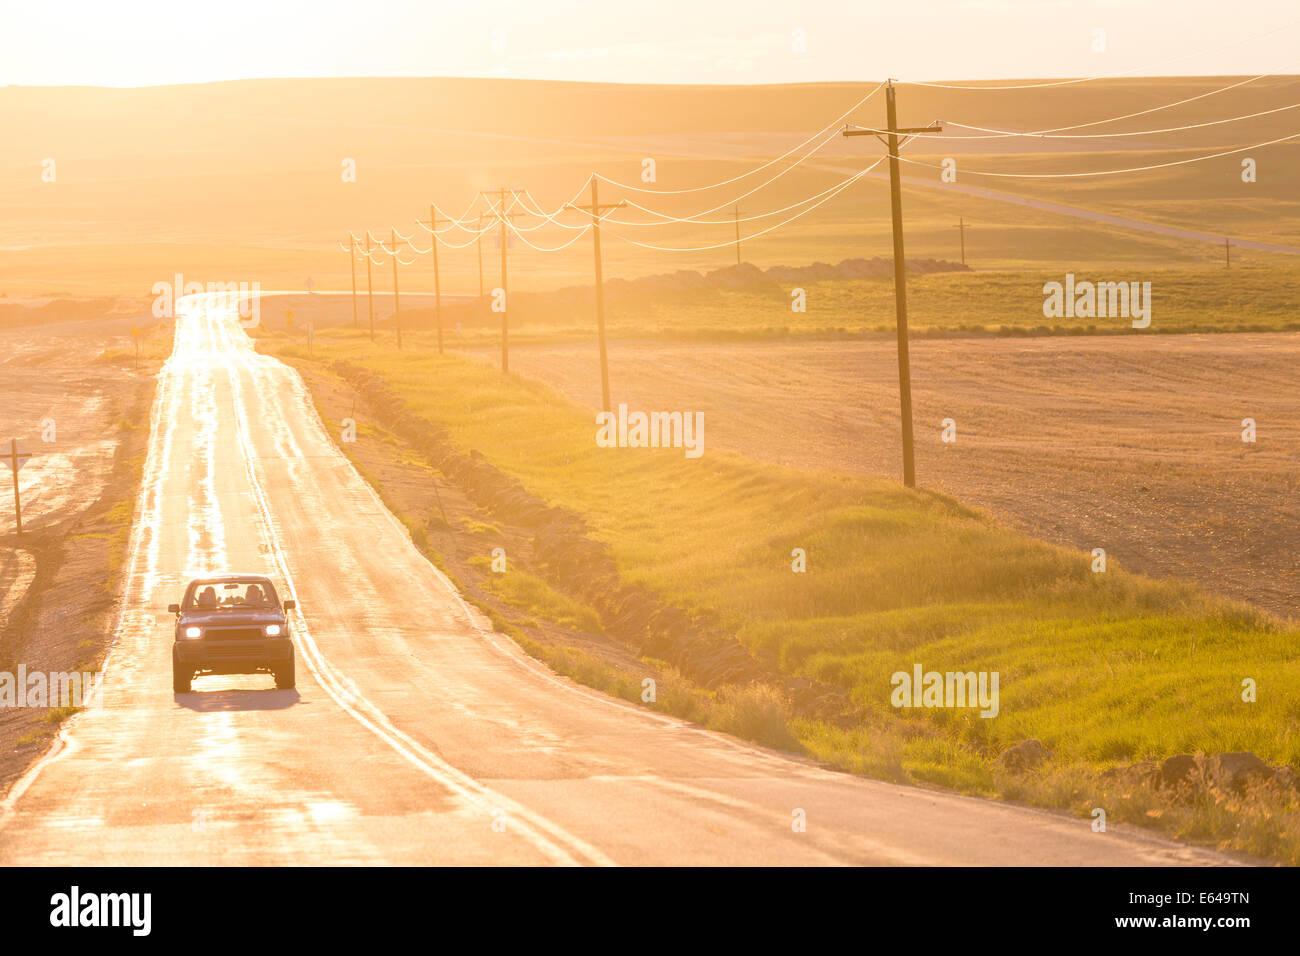 Abrir camino al atardecer, Montana, EE.UU. Imagen De Stock